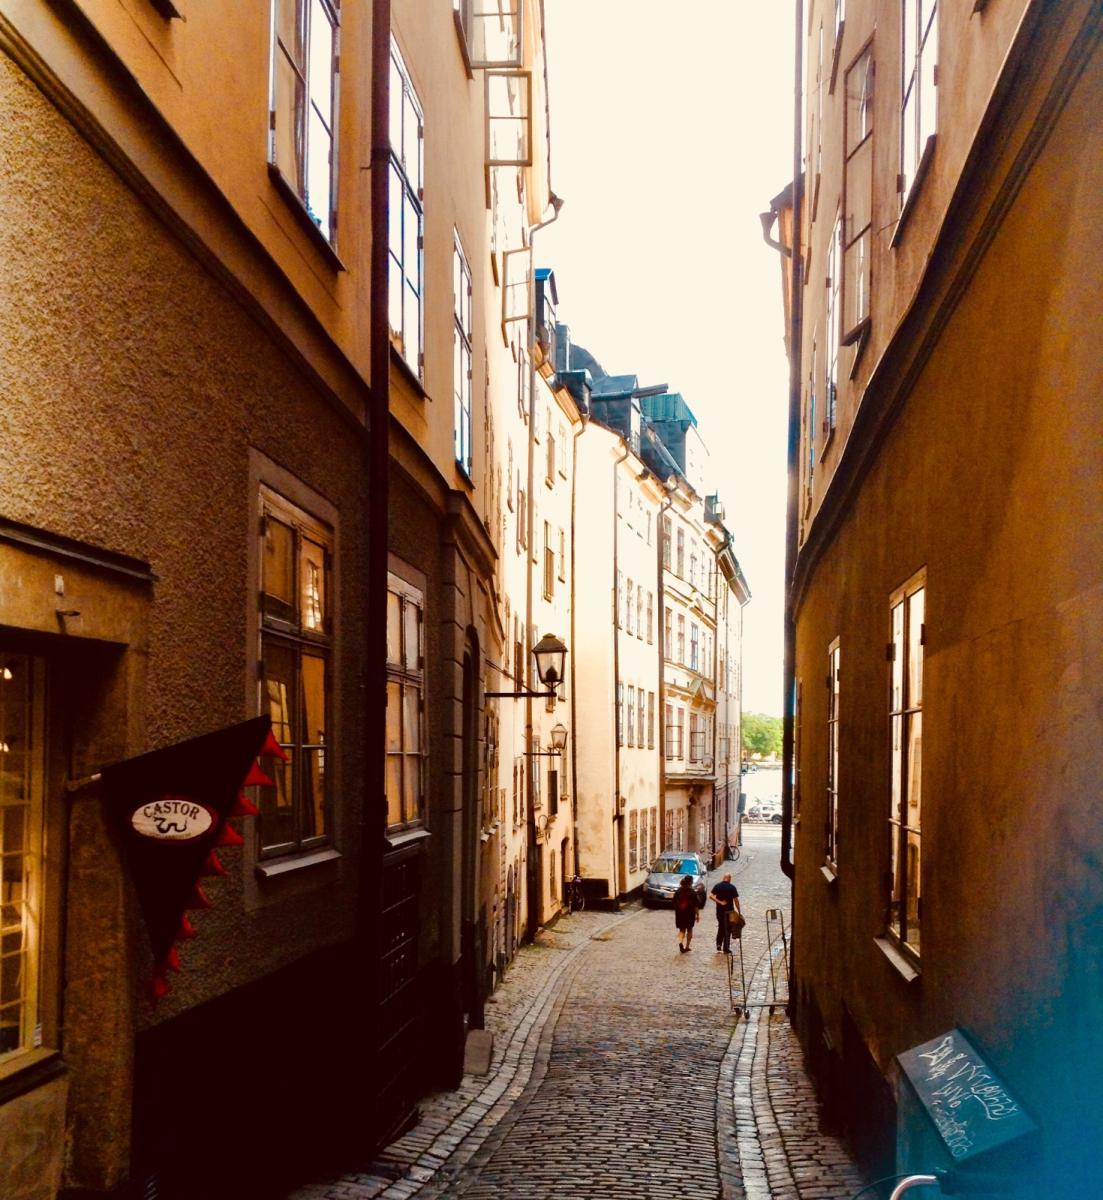 《攝影》老城舊影-斯德哥爾摩_圖1-6